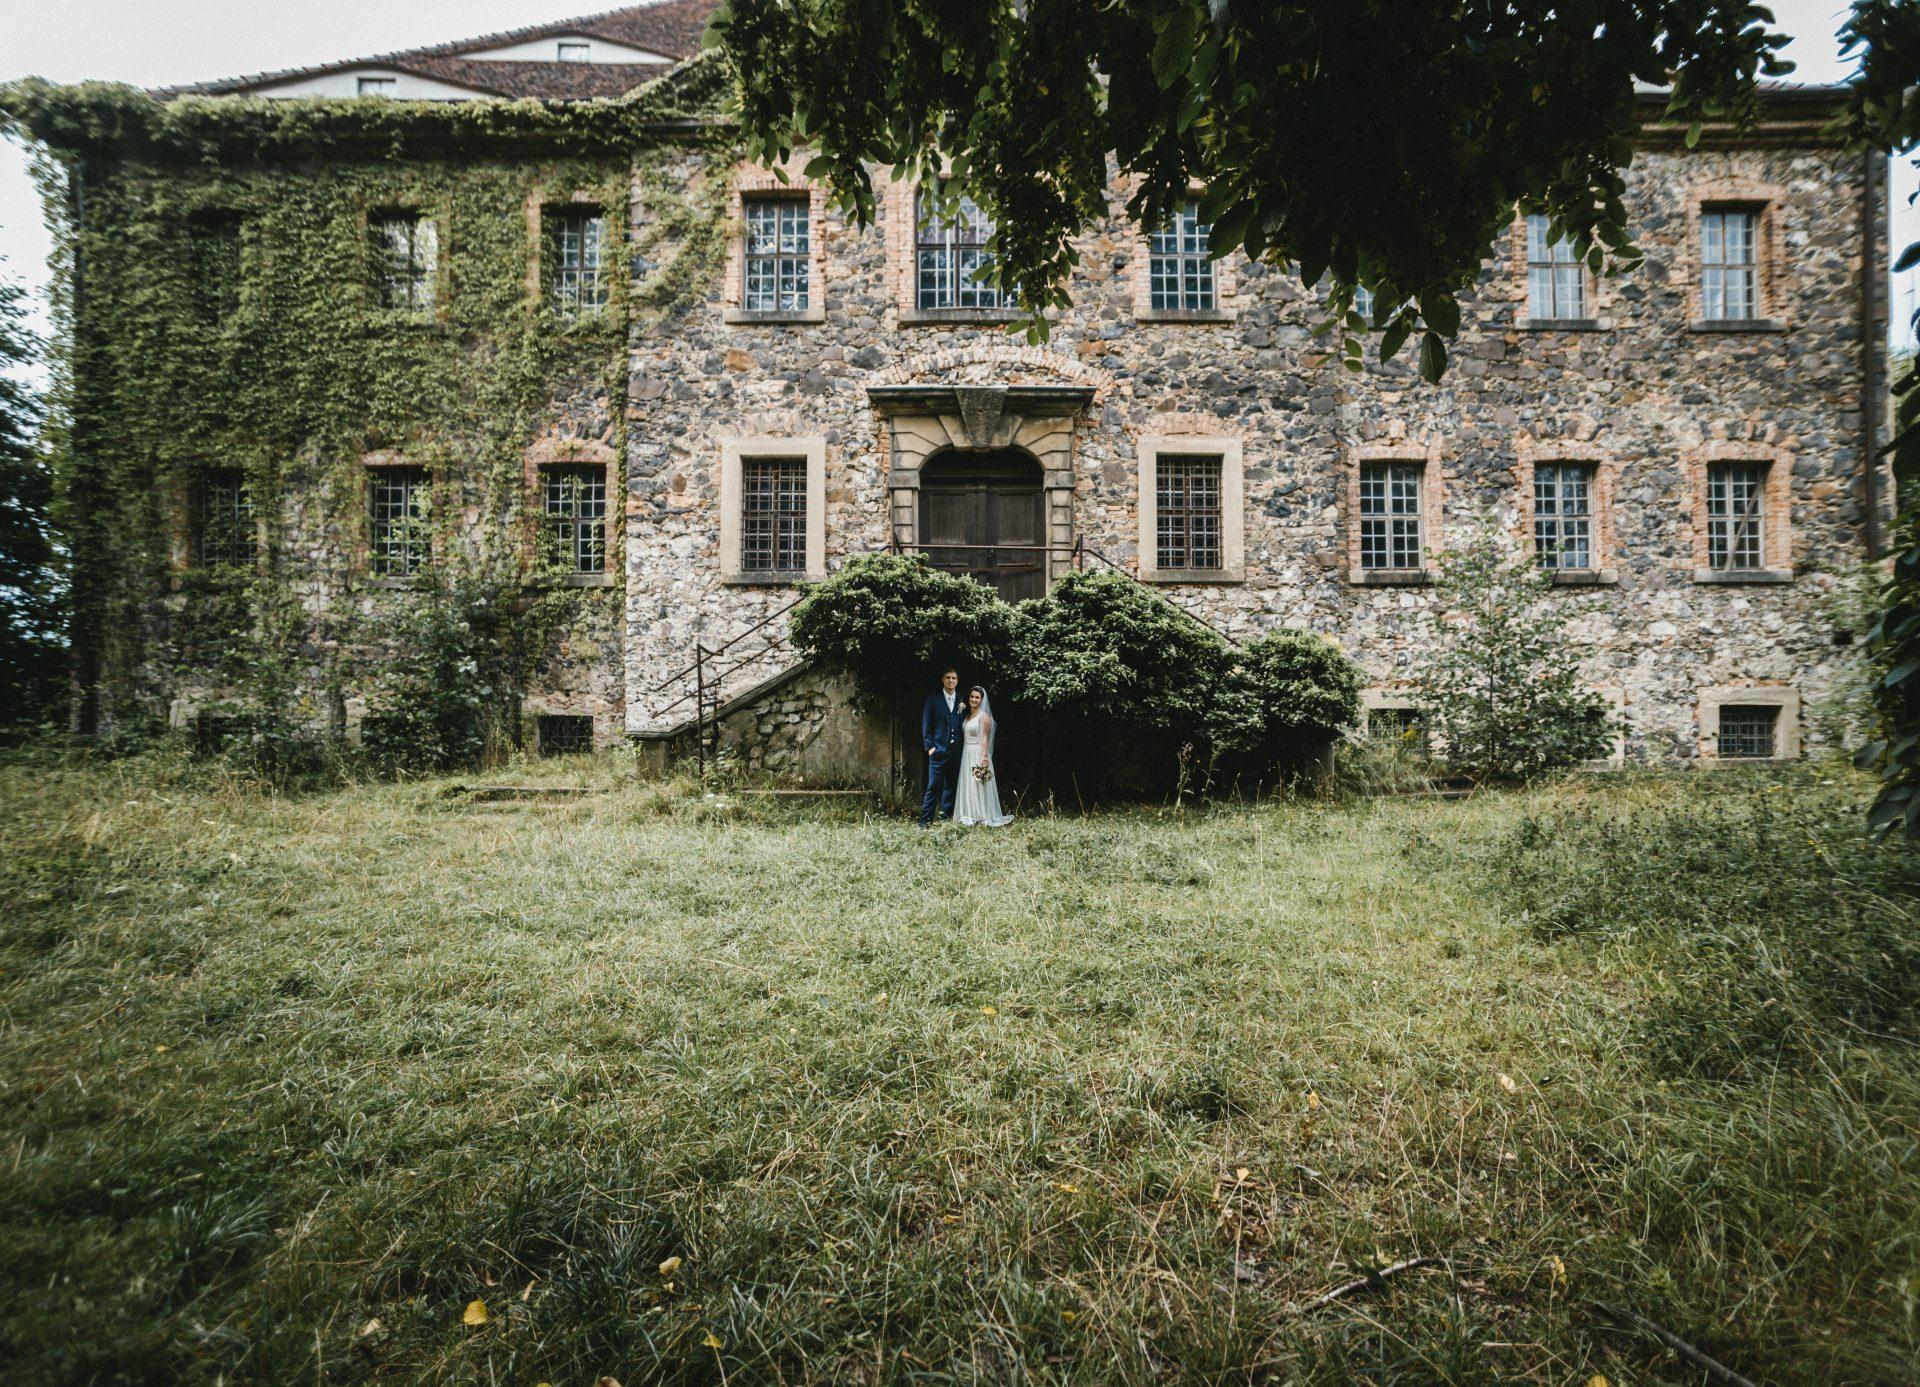 das  Schloss Tauchritz neben dem Gut am See, einer tollen Hochzeitslocation